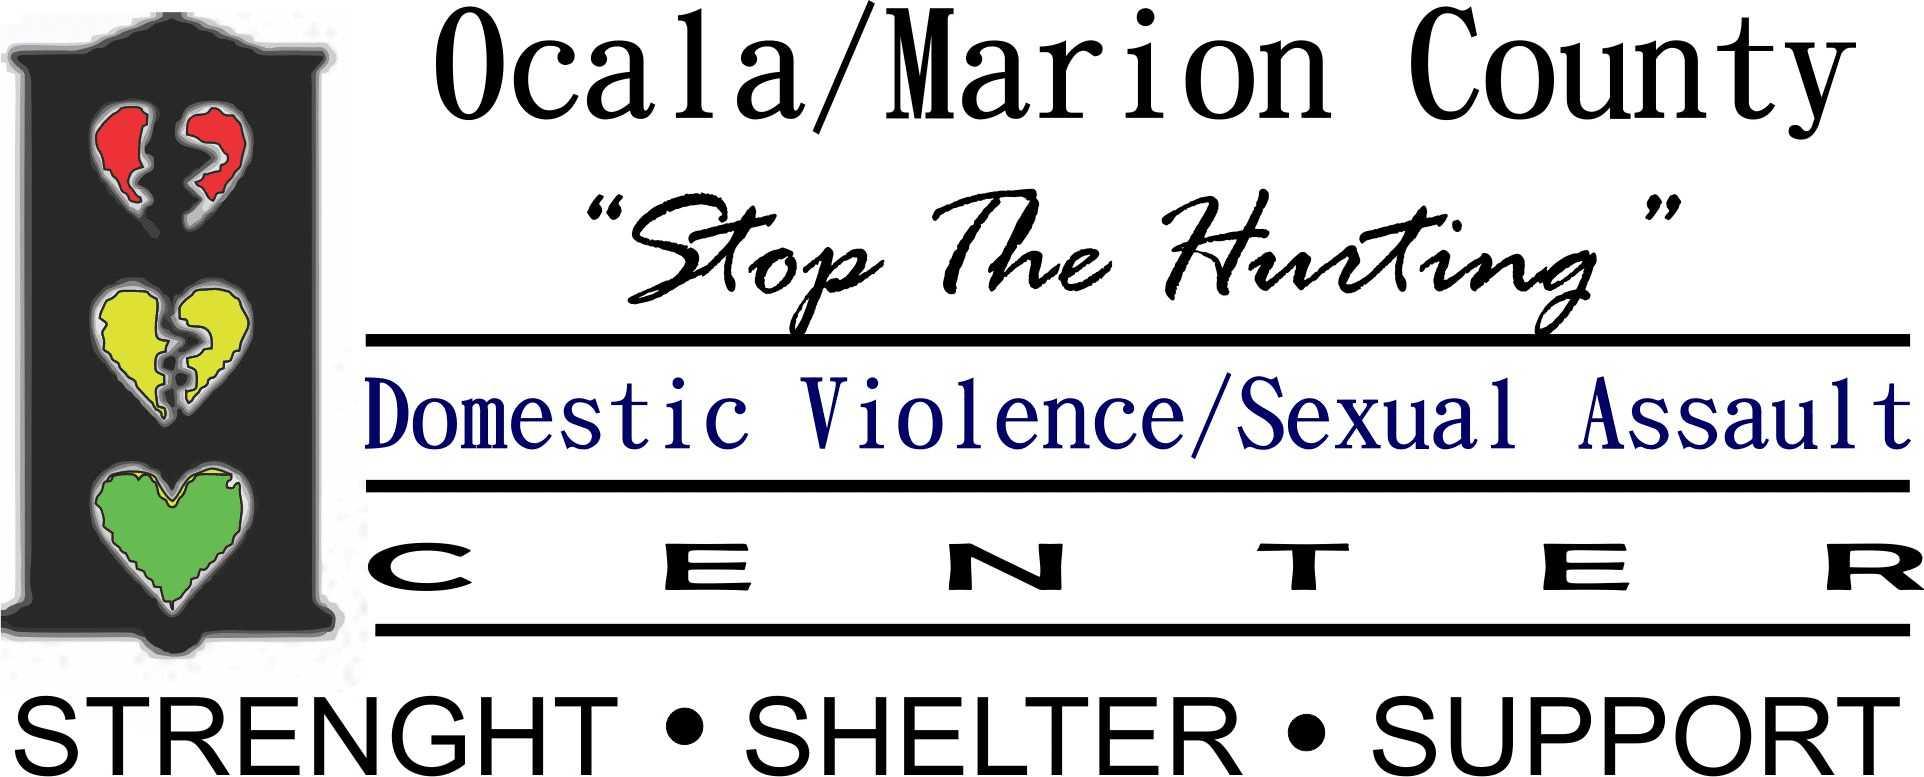 Rape Crisis/Spouse Abuse Center